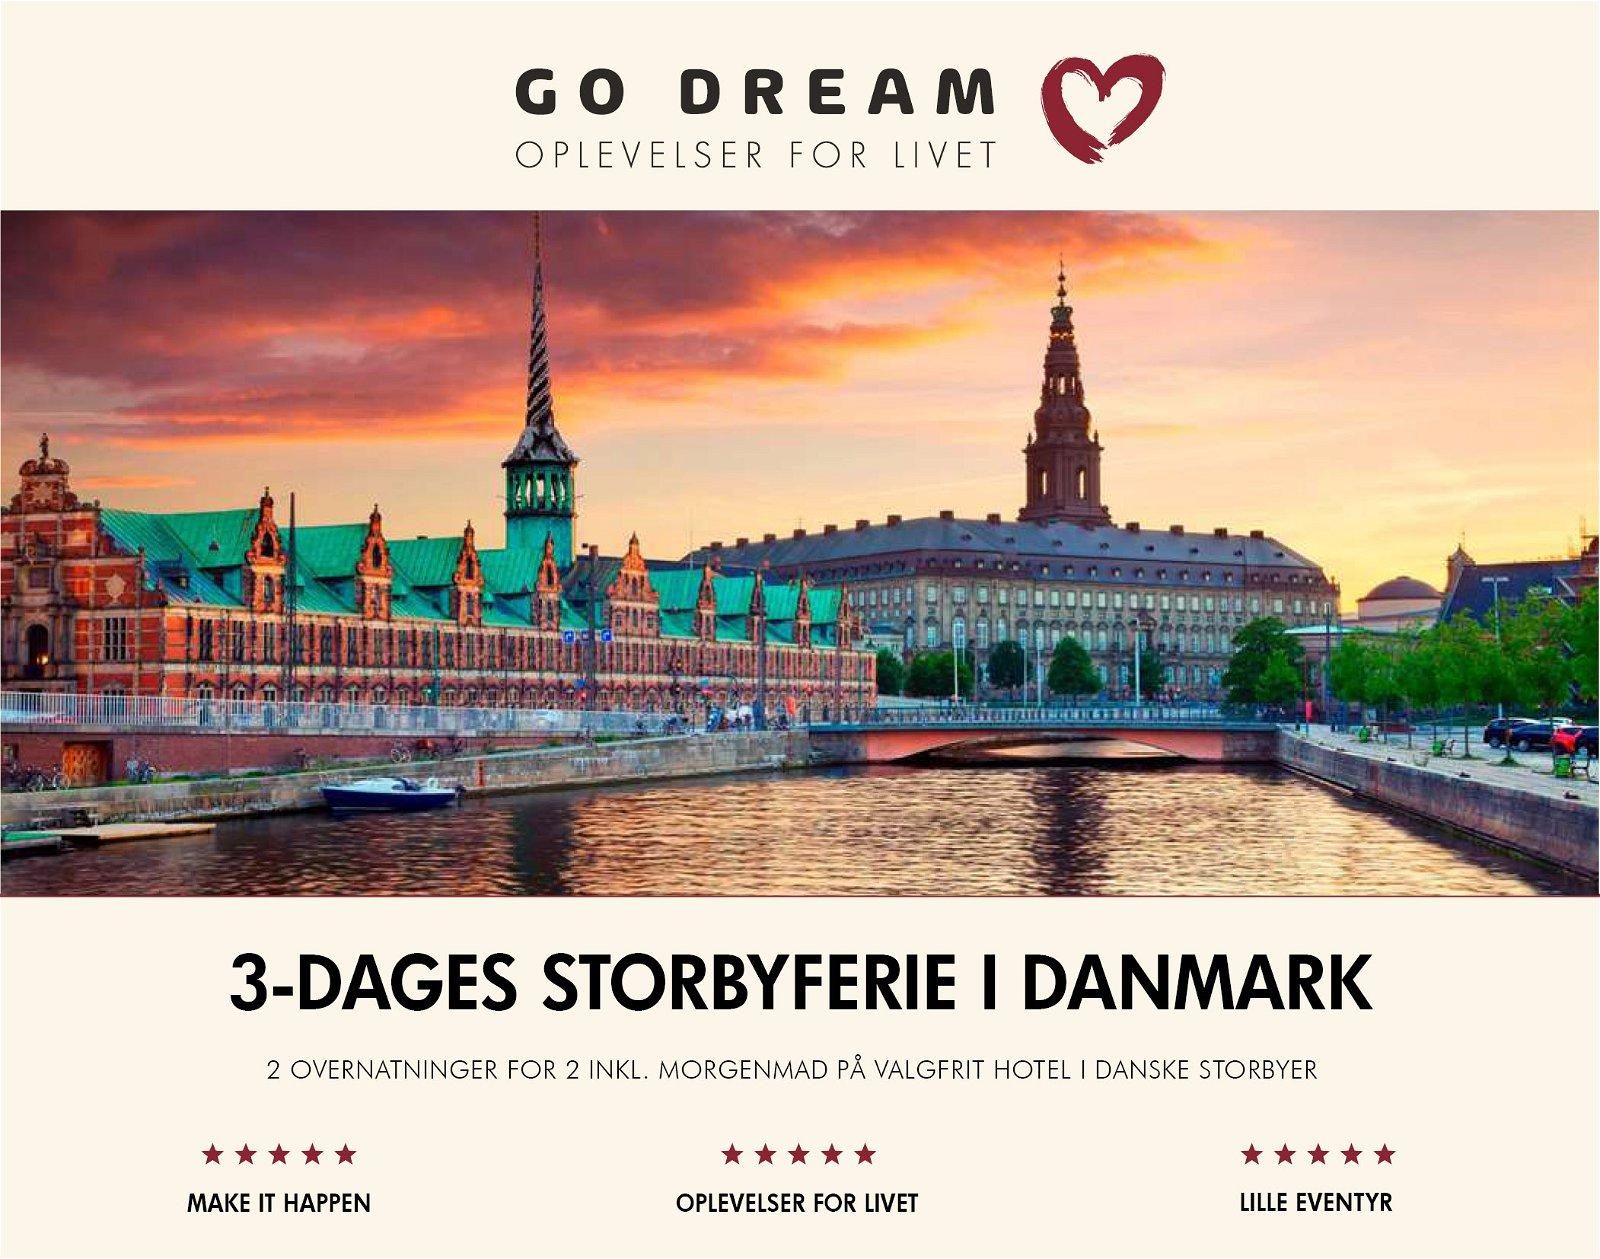 Go Dream 3-dages storbyferie i Danmark